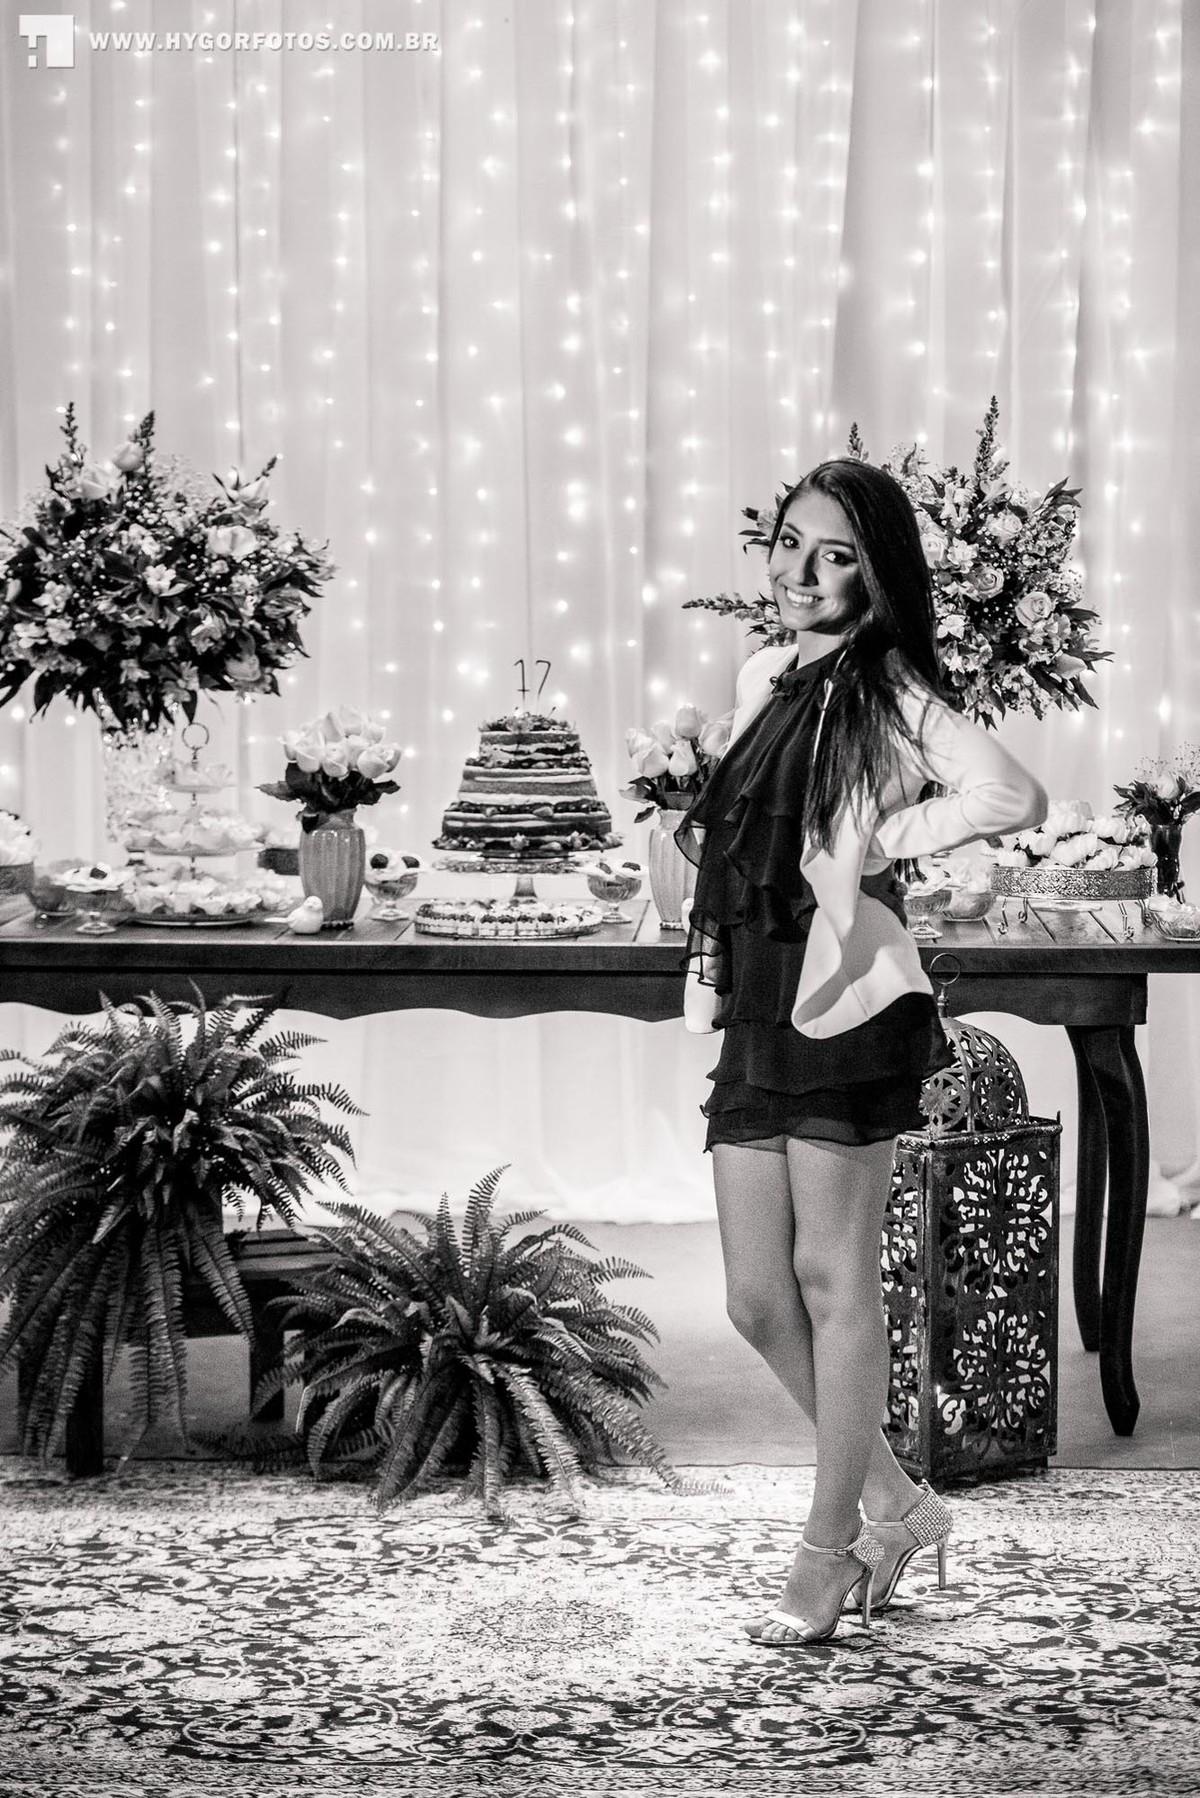 Foto de 17 anos - Isadora Canhadas